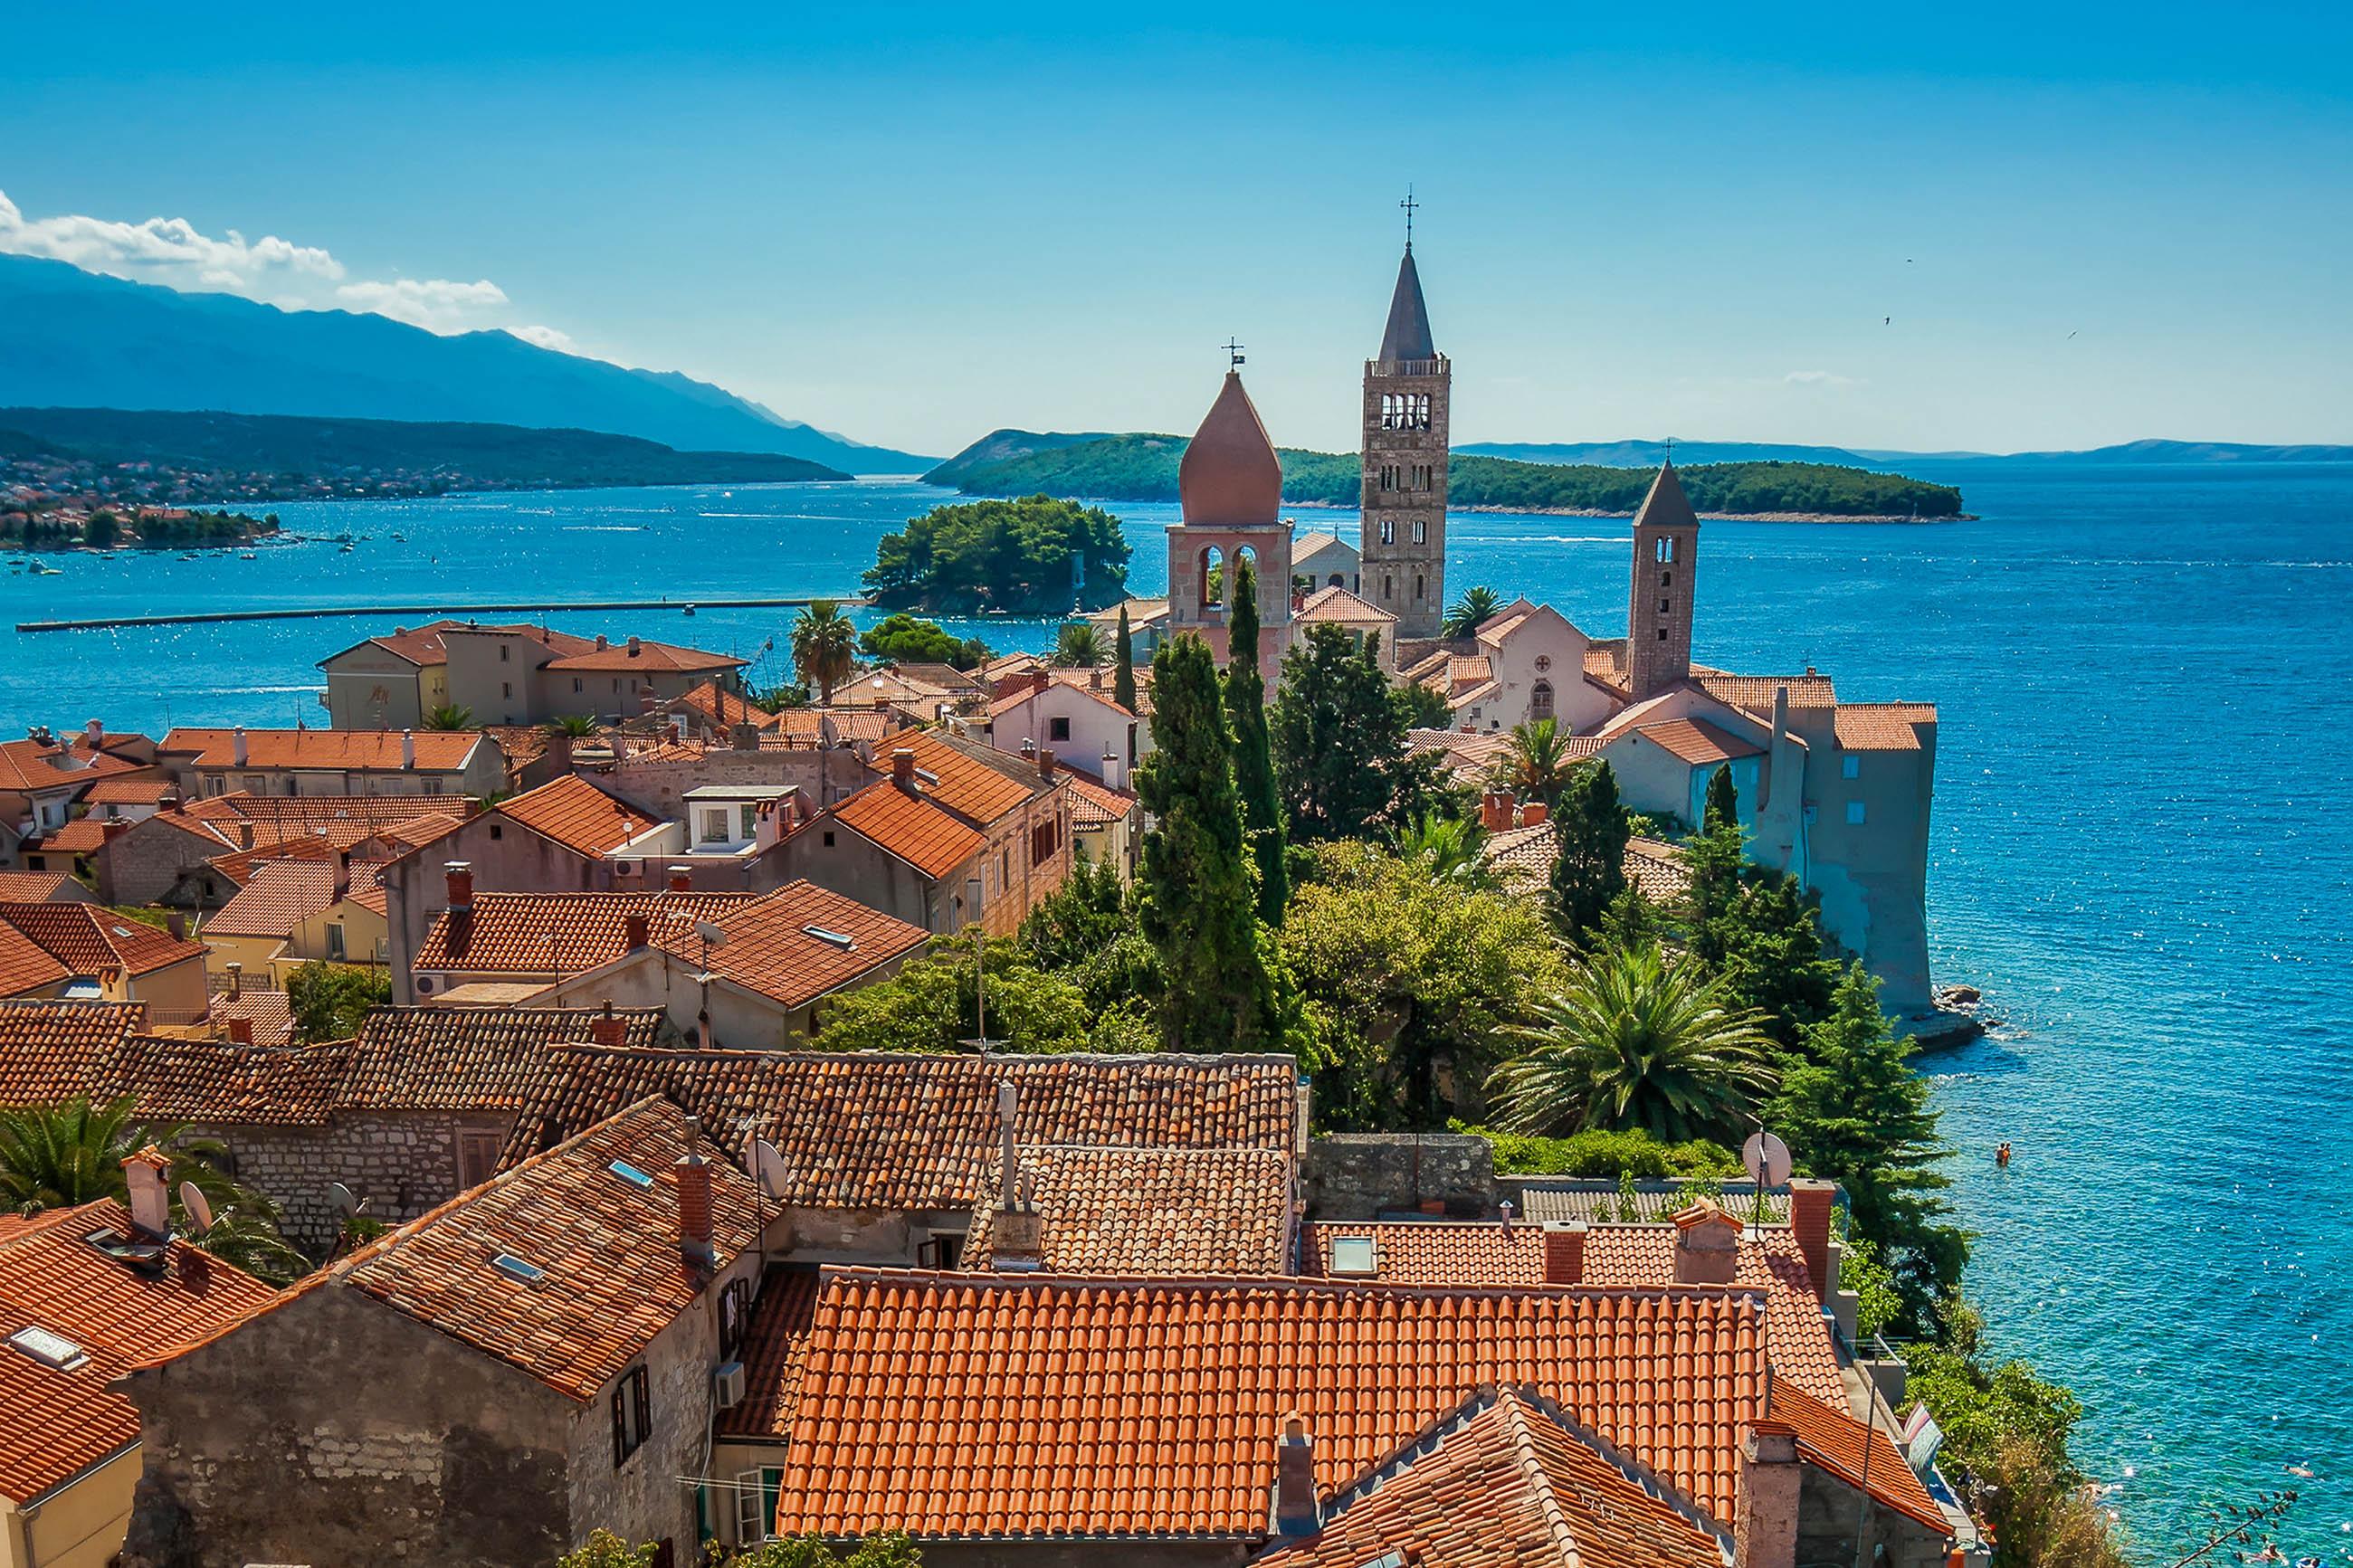 Vom Stadtturm in Rab Stadt tut sich der berühmte Blick auf die vier Türme entlang der Küste der Inselhauptstadt auf, Kroatien - © Deymos.HR / Shutterstock